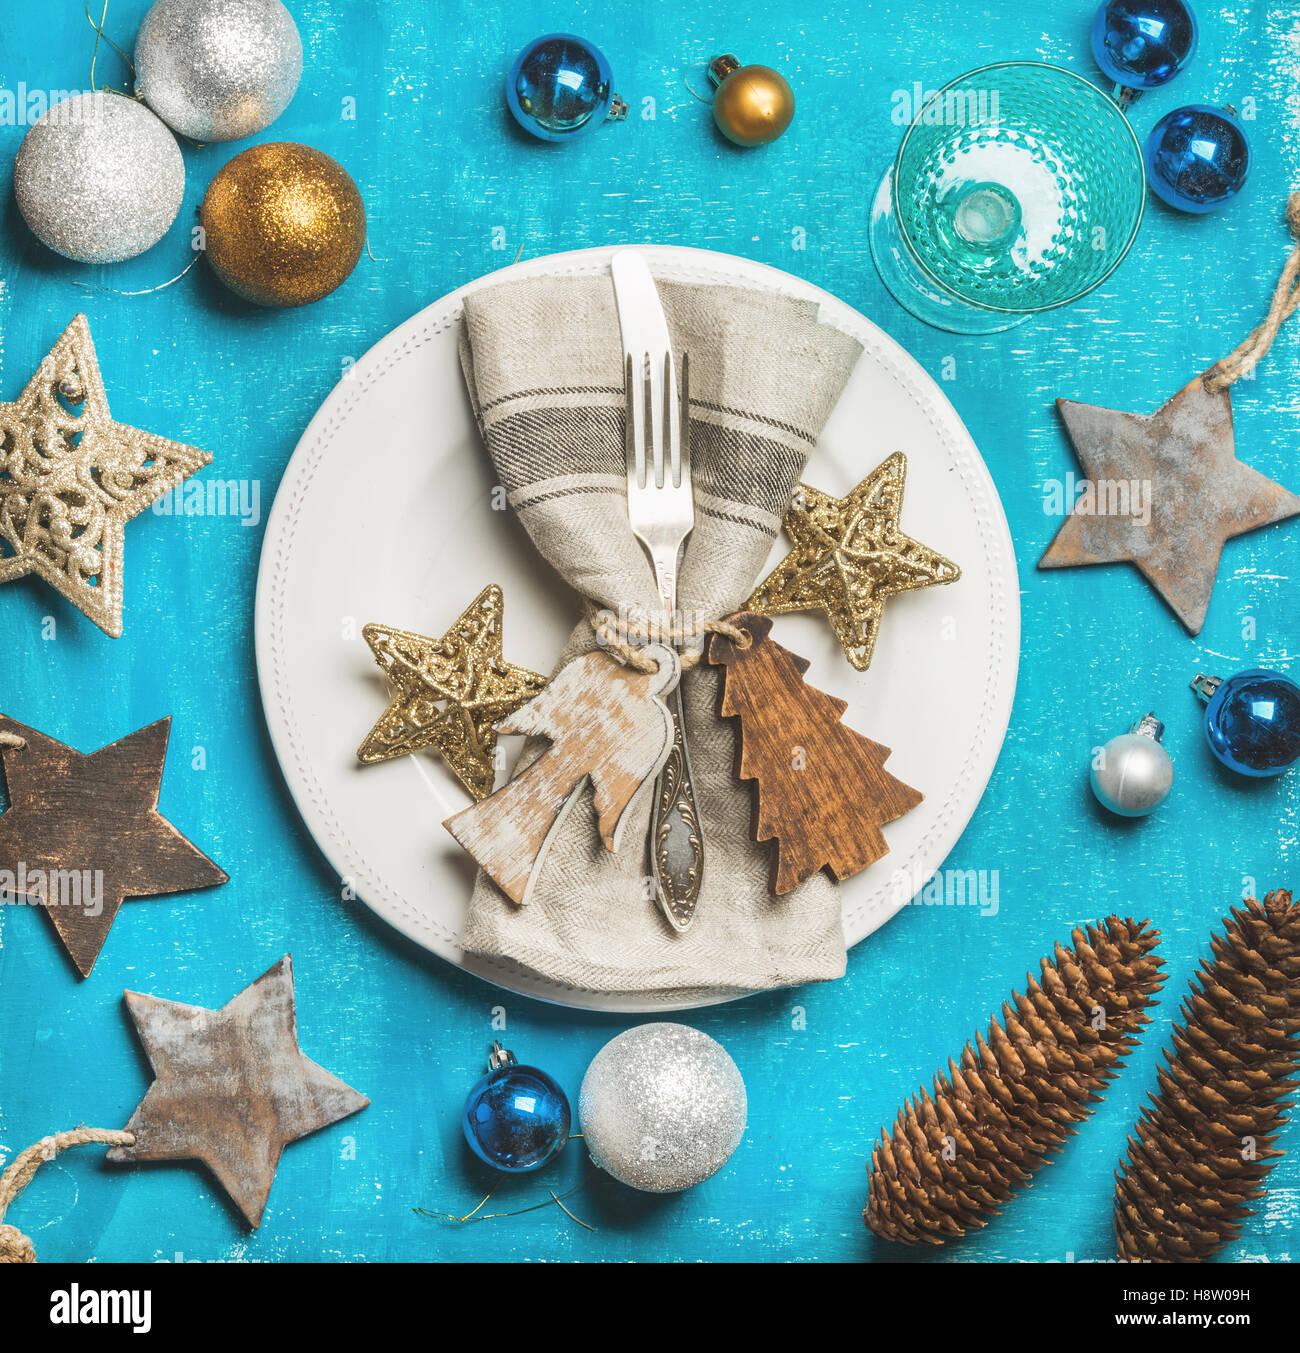 Weihnachten, Neujahr Urlaub Tisch einstellen über hellen blauen Hintergrund Stockbild